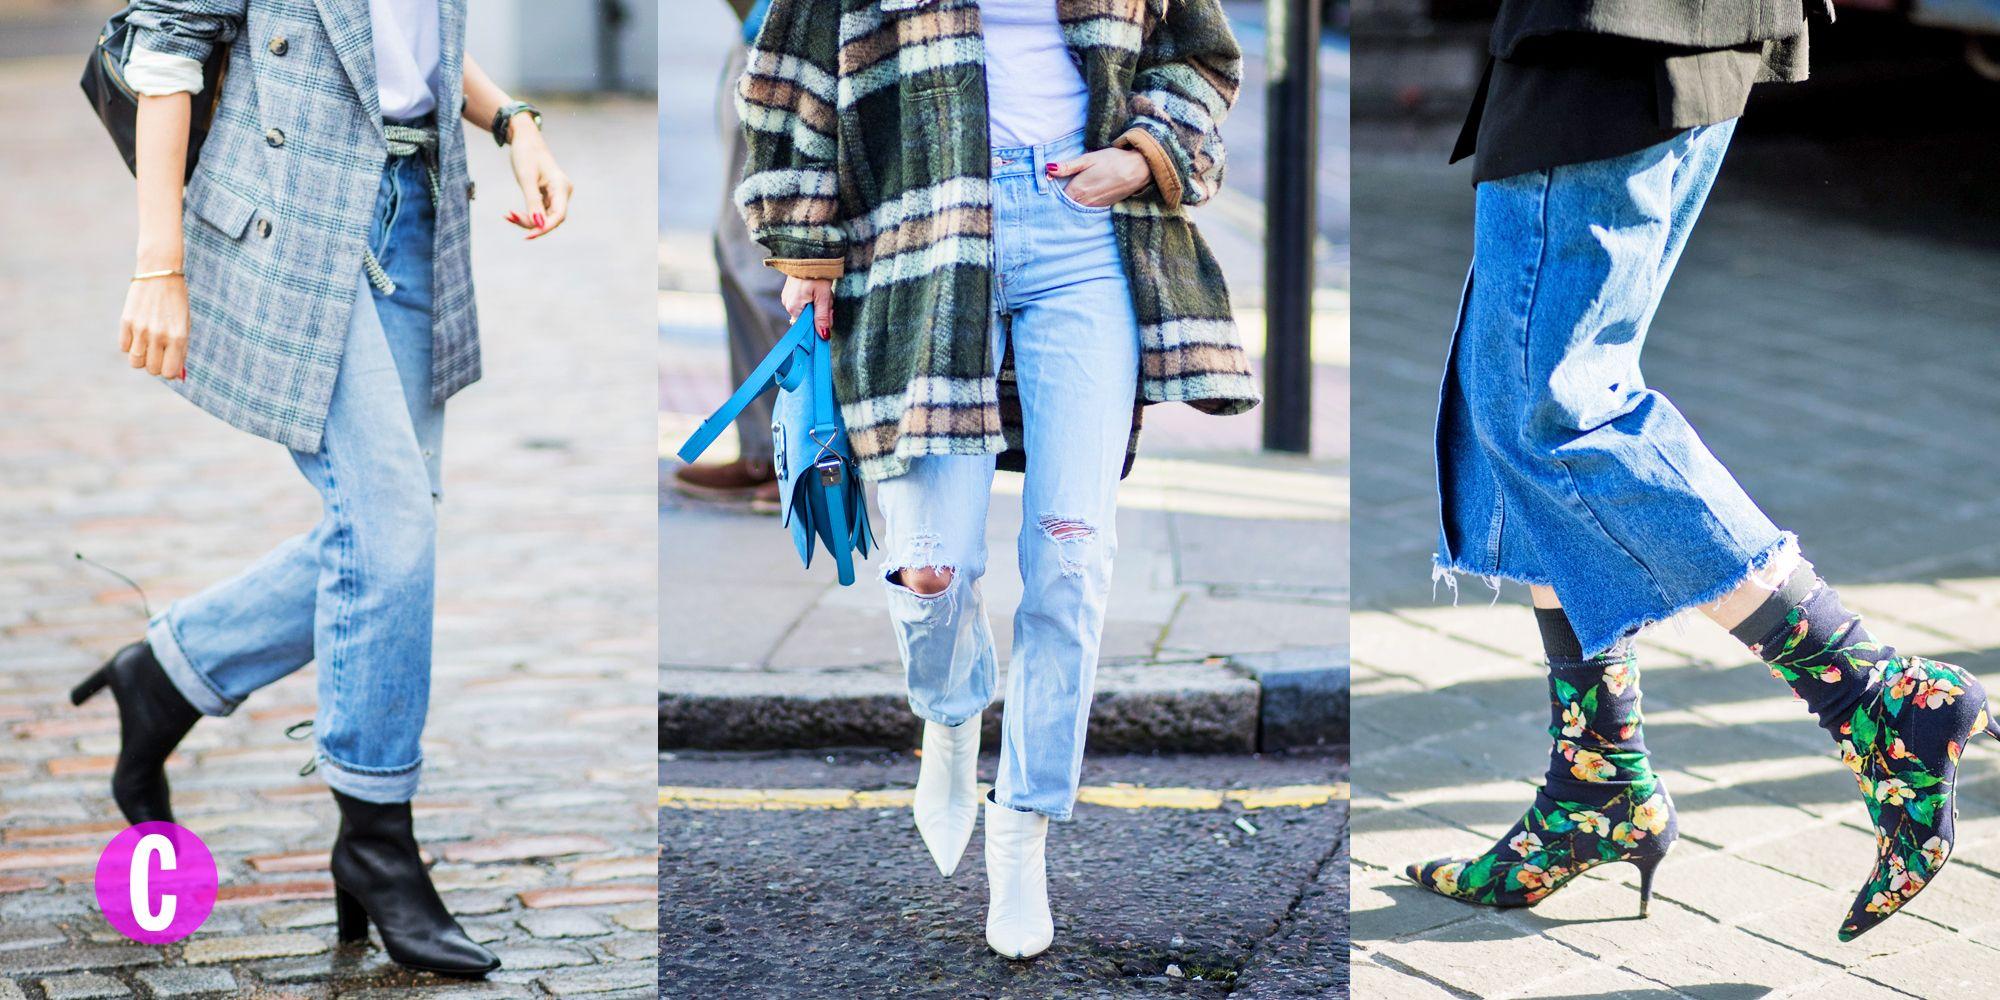 Il jeans che ti fa da push up al lato b ha un brevetto brasiliano per calzarti come un guanto e regalarti un lift ai glutei senza precedenti, Milena Andrade, la designer offre la possibilità di un servizio su misura.